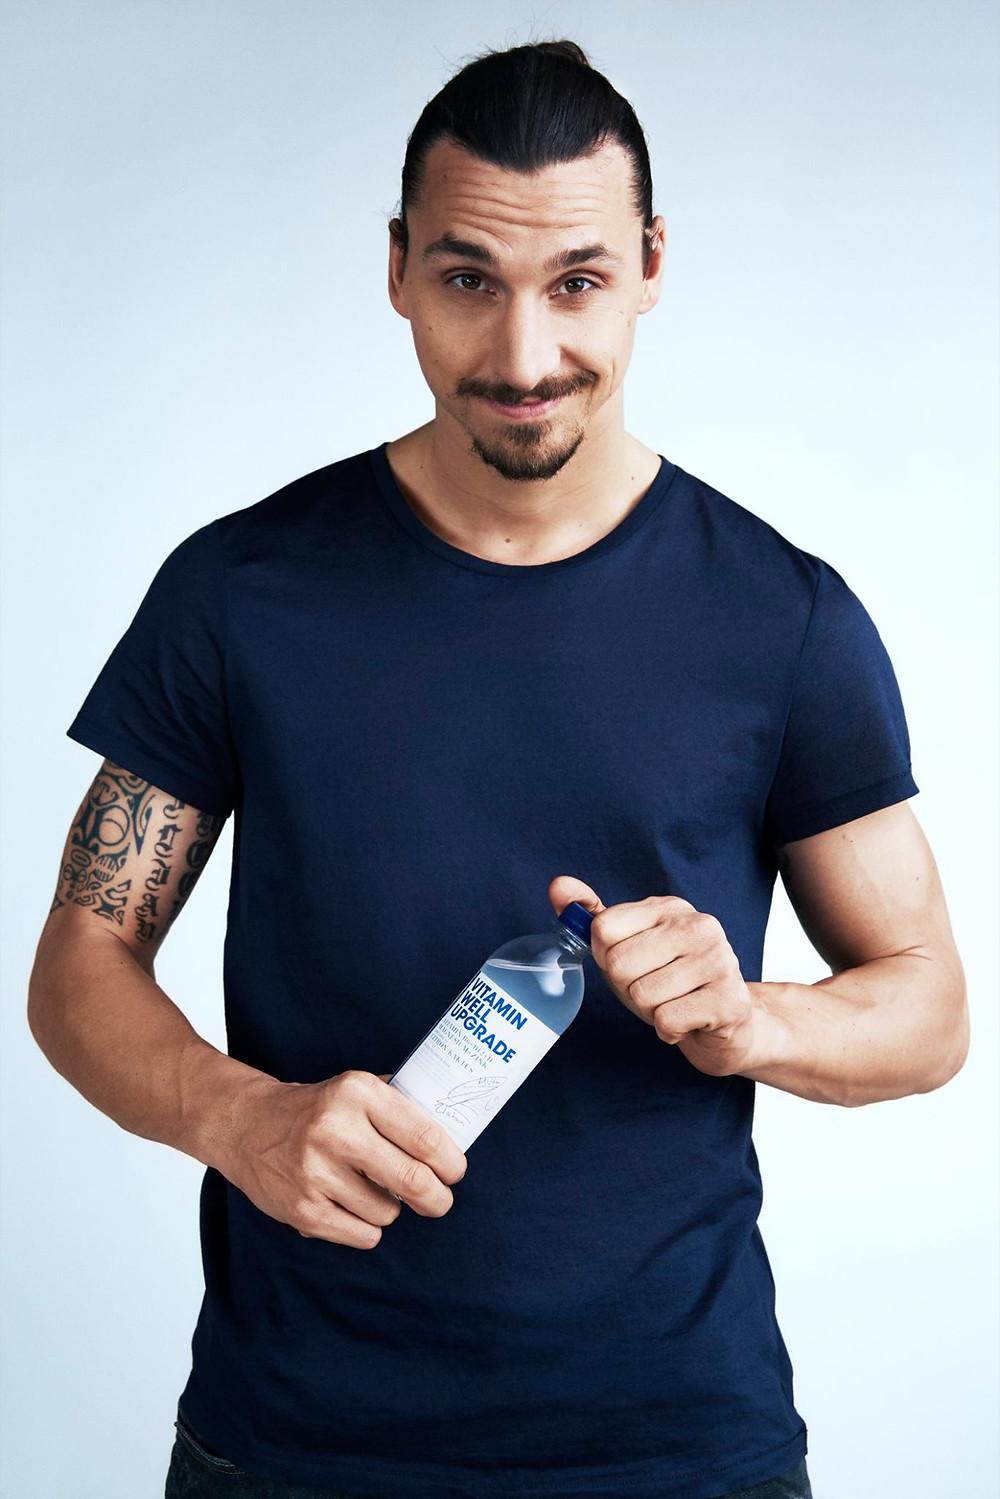 Zlatan Ibrahimovic for Vitamin Well